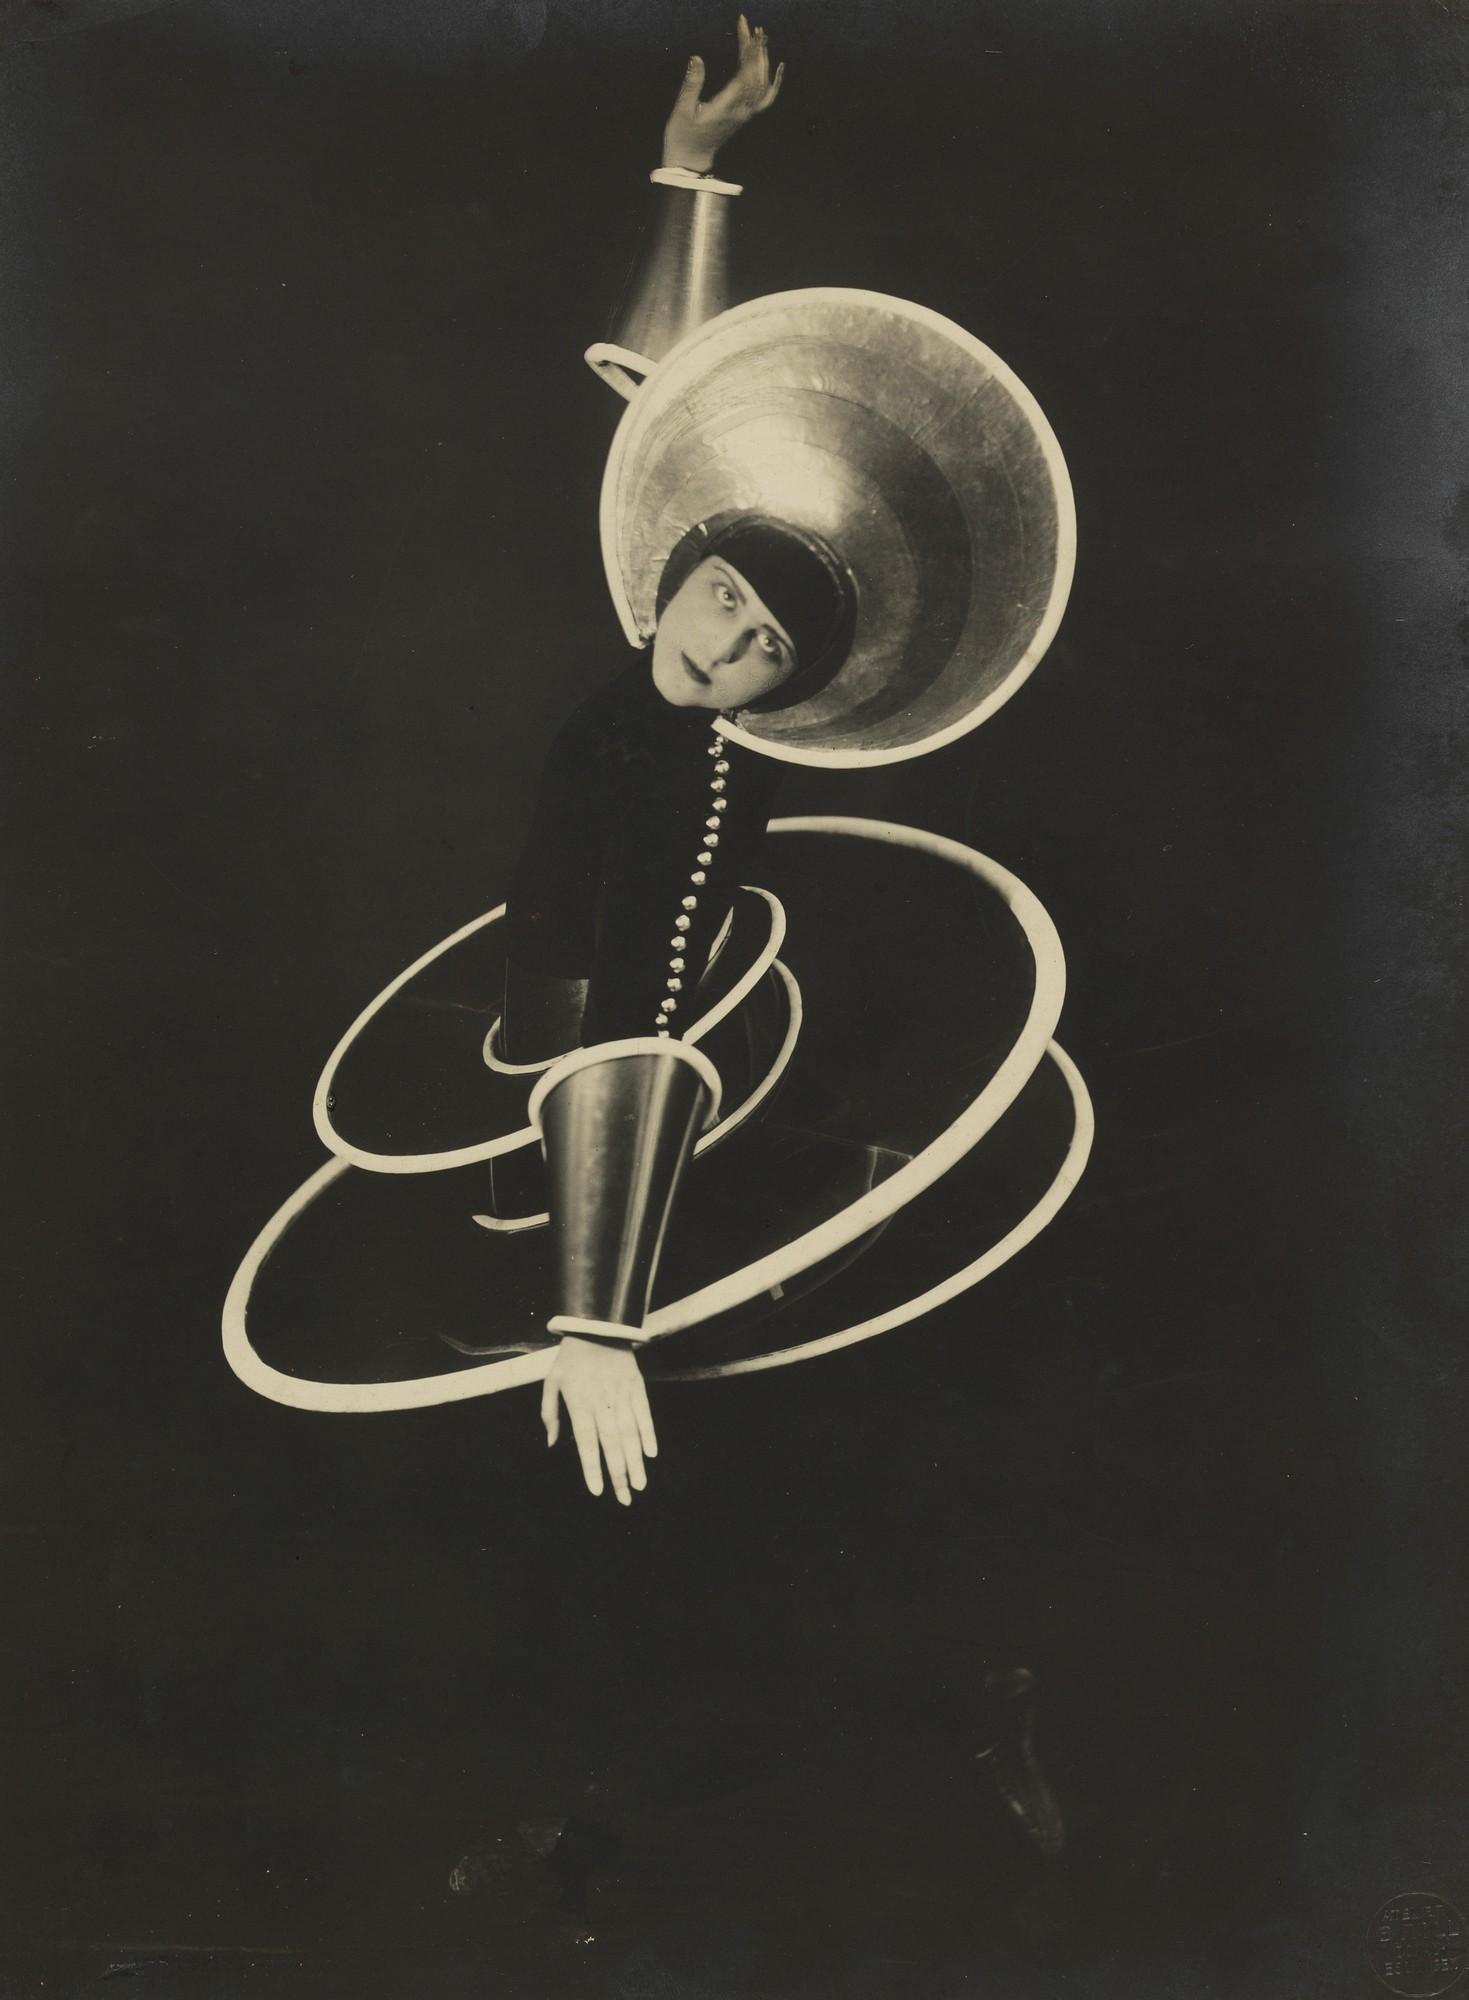 """Figura spiralna z """"Baletu triadycznego"""", 1927, fot. Atelier Grill (Karl Grill), wł. Bauhaus-Archiv Berlin (źródło: materiały prasowe organizatora)"""